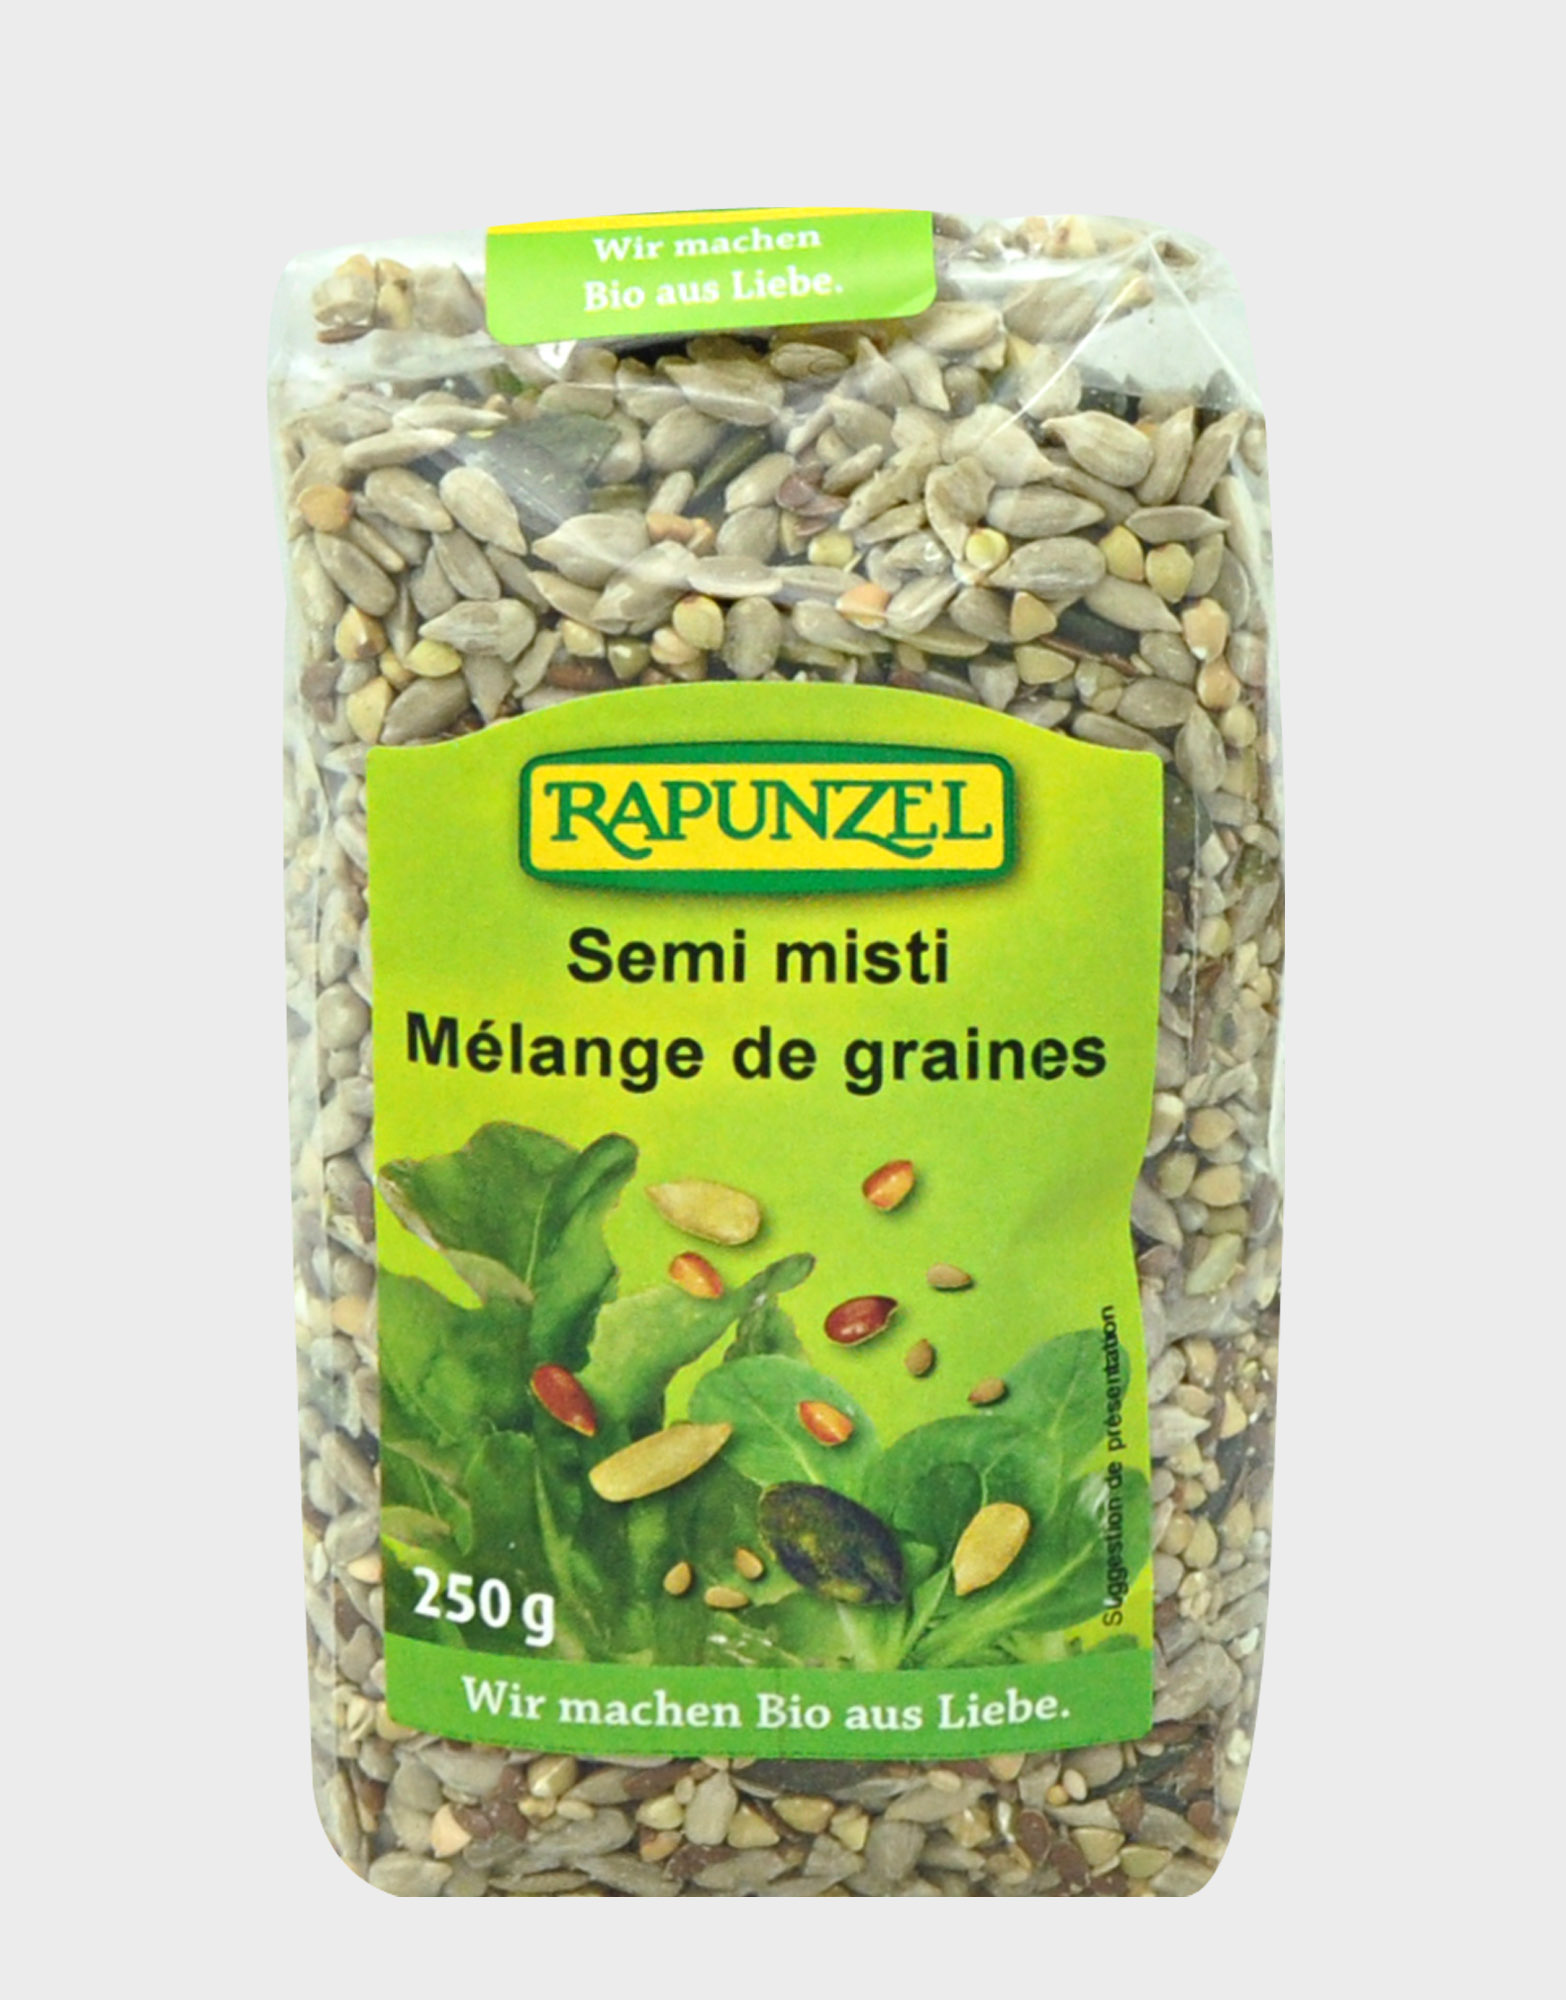 Mélange semi misti de graines grillées BIO, Rapunzel (250 g)